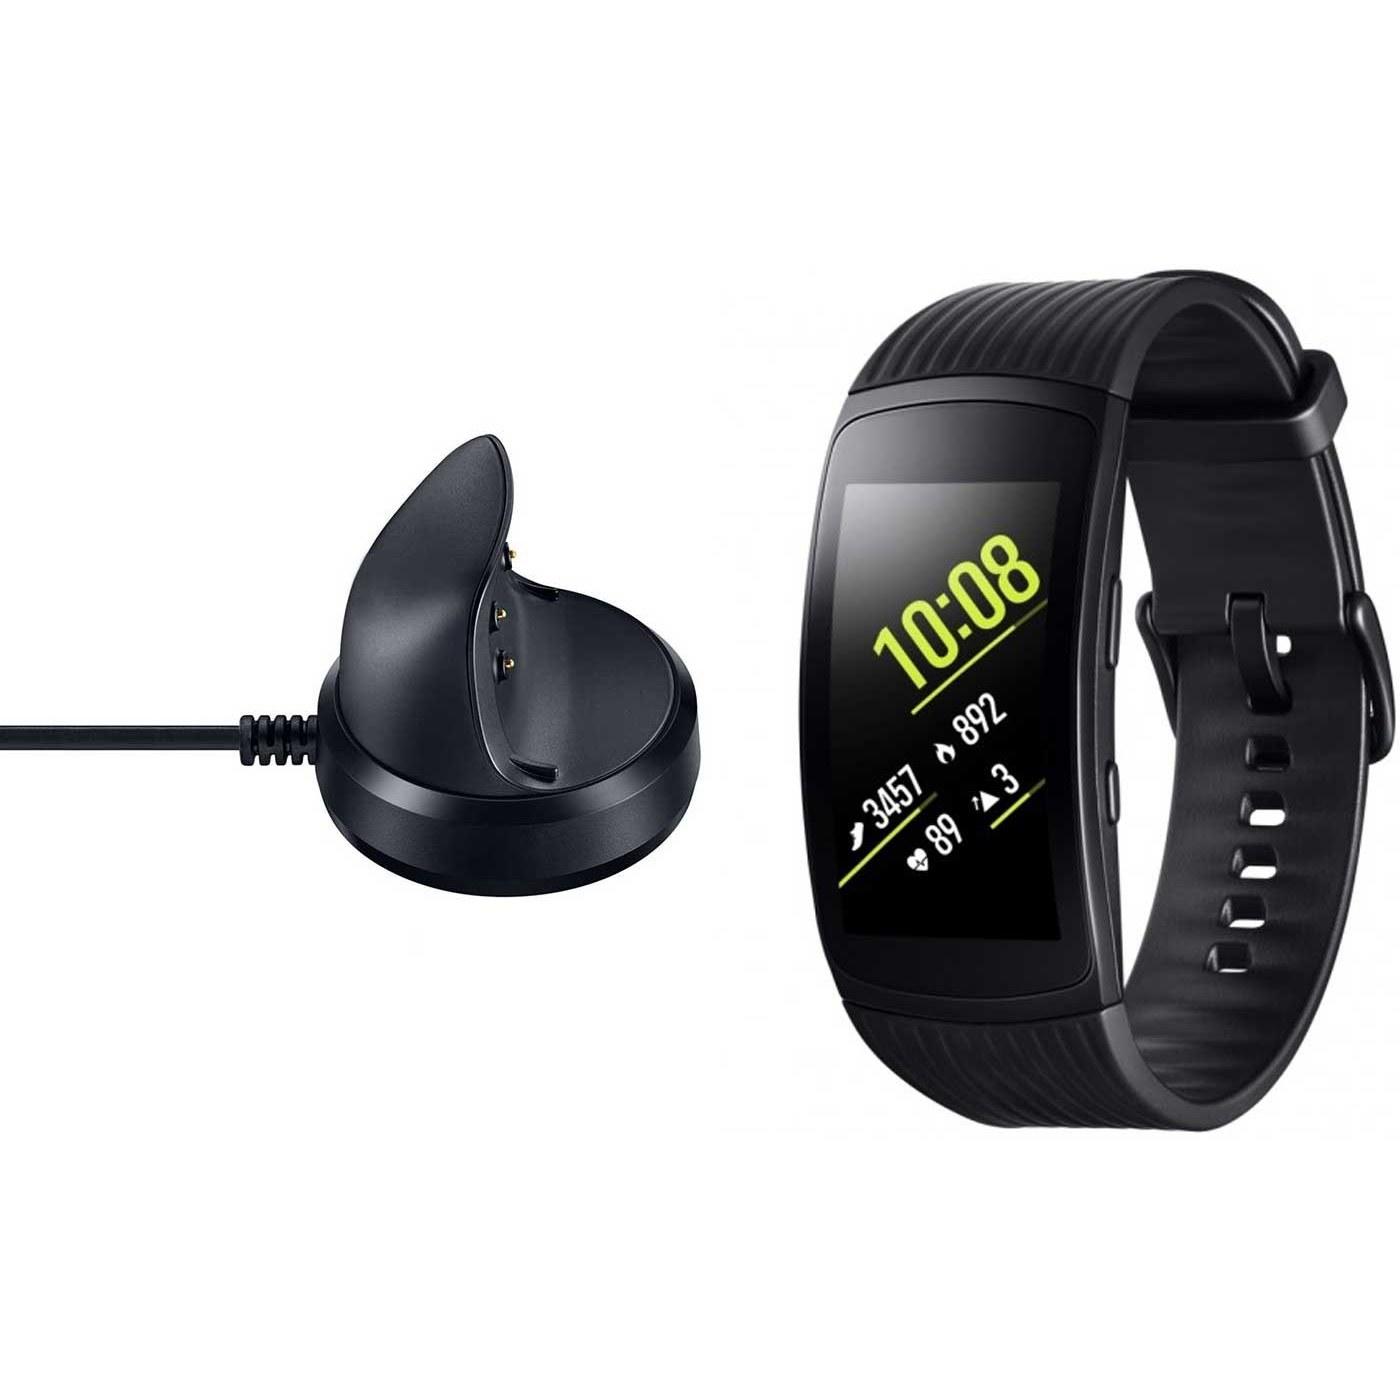 تصویر شارژر مچ بند سامسونگ Gear Fit 2 Pro مدل R365